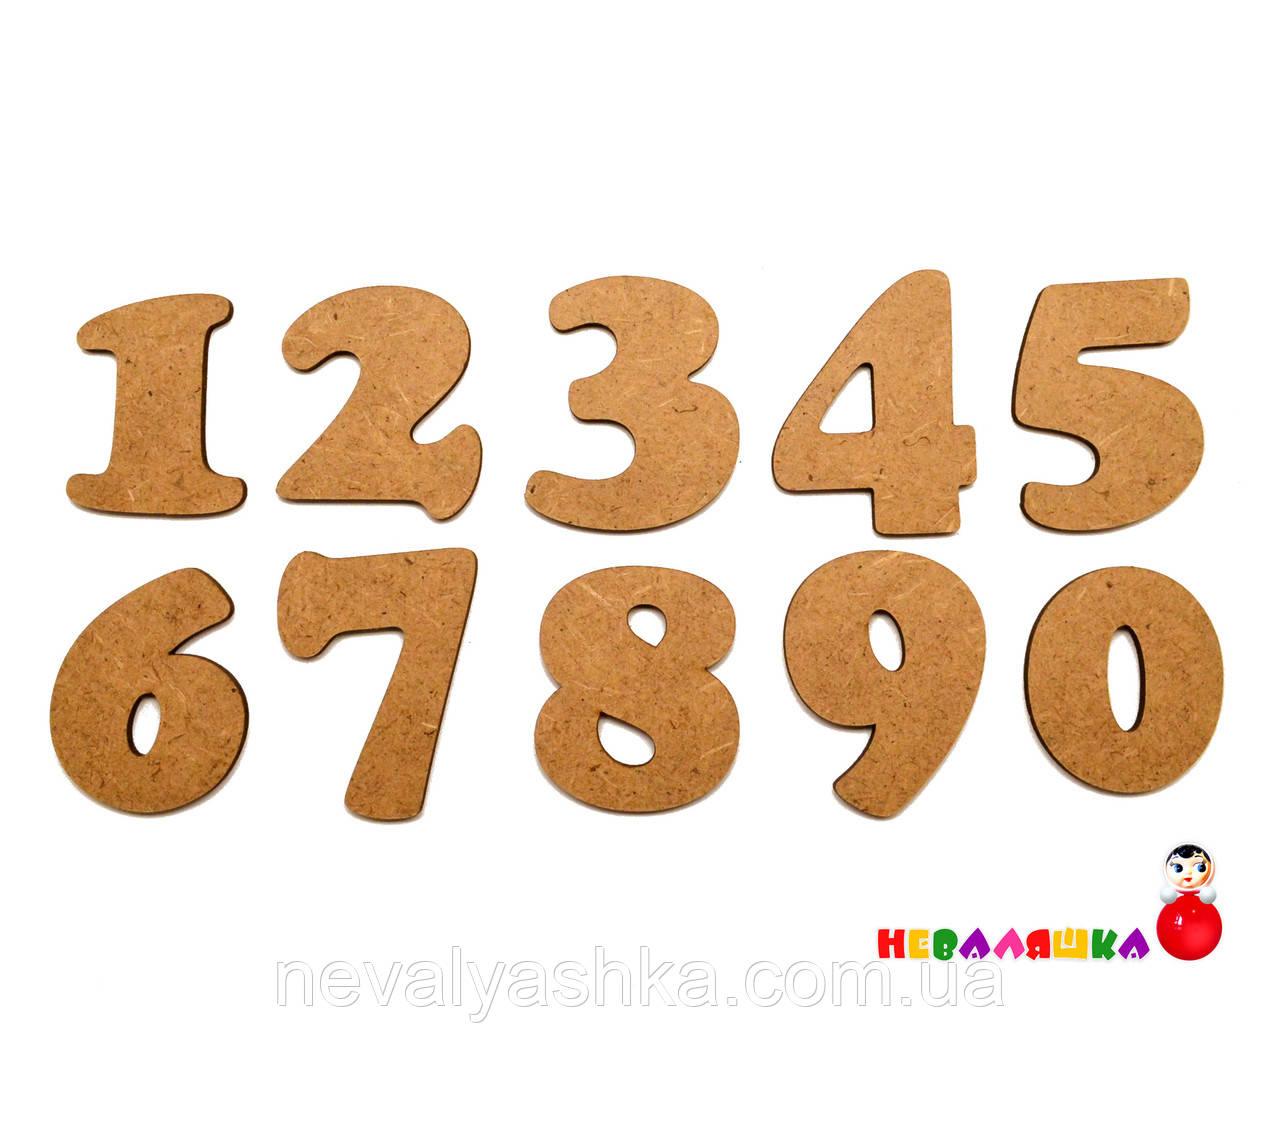 Деревянная Заготовка для Бизиборда Цифры МДФ (БЕЗ ПОДЛОЖКИ) Набор Цифр 0-9 дерев'яні цифри цифра